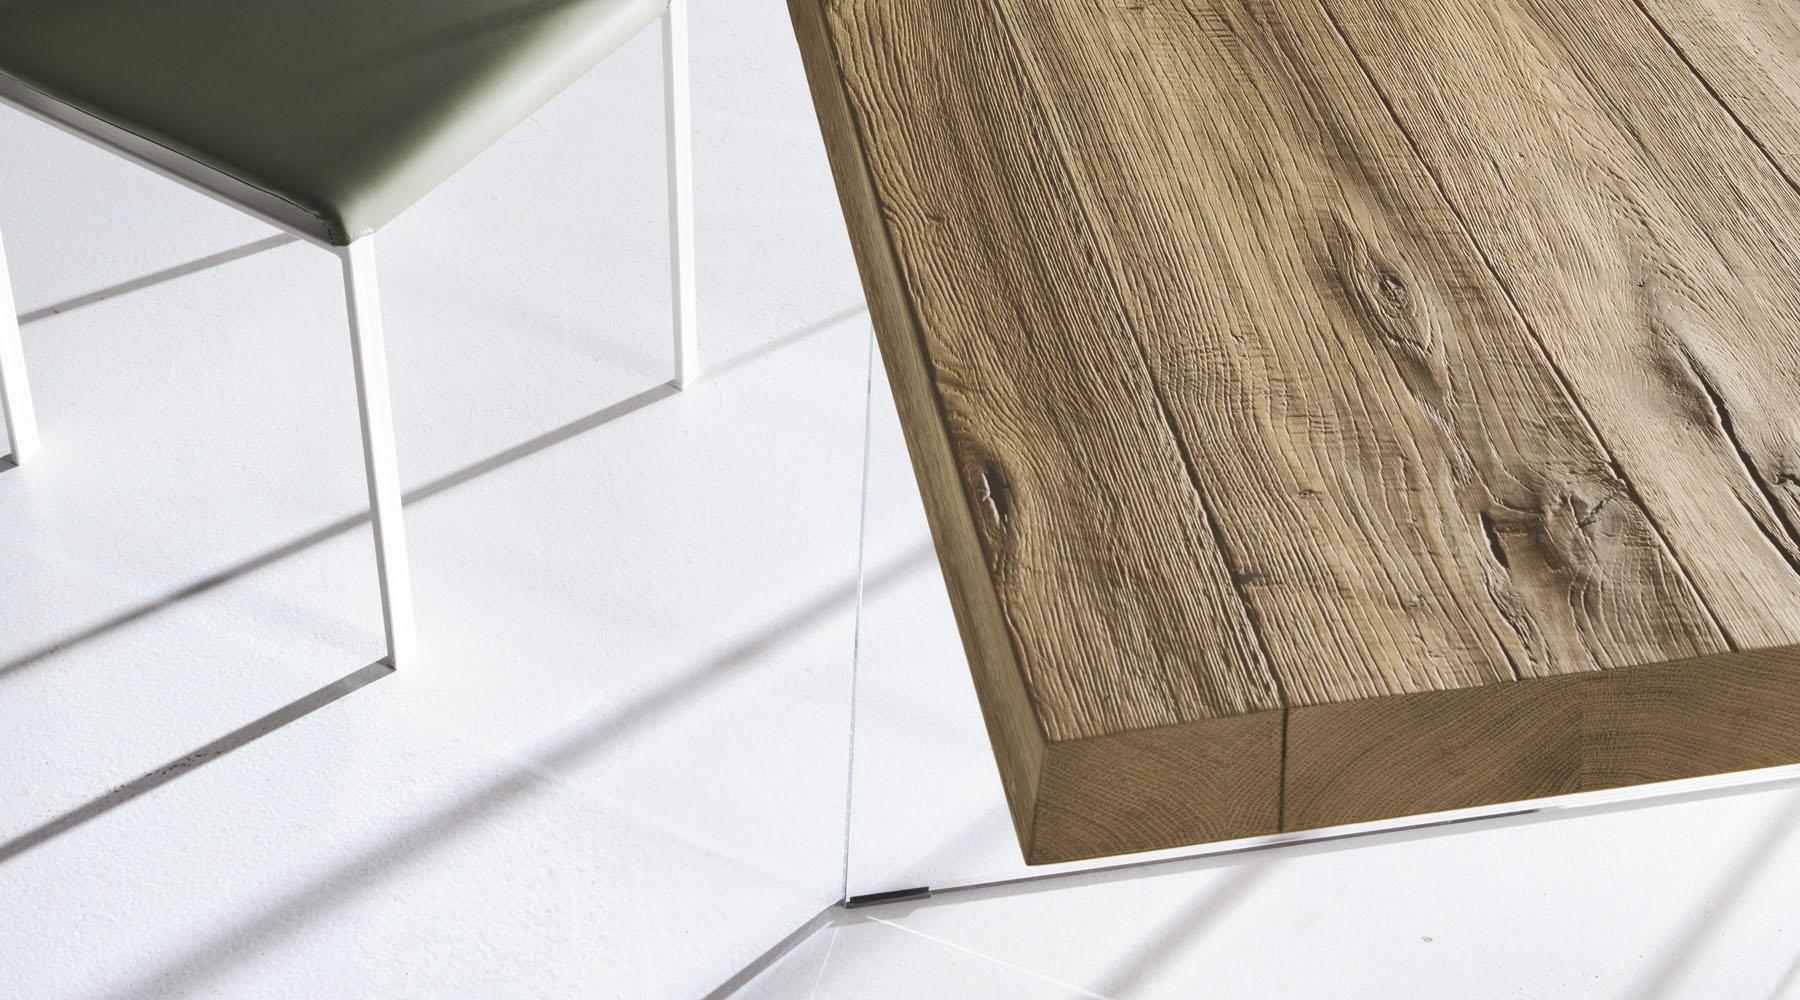 tavolo-sospeso-in-legno-naturale-e-gambe-in-vetro